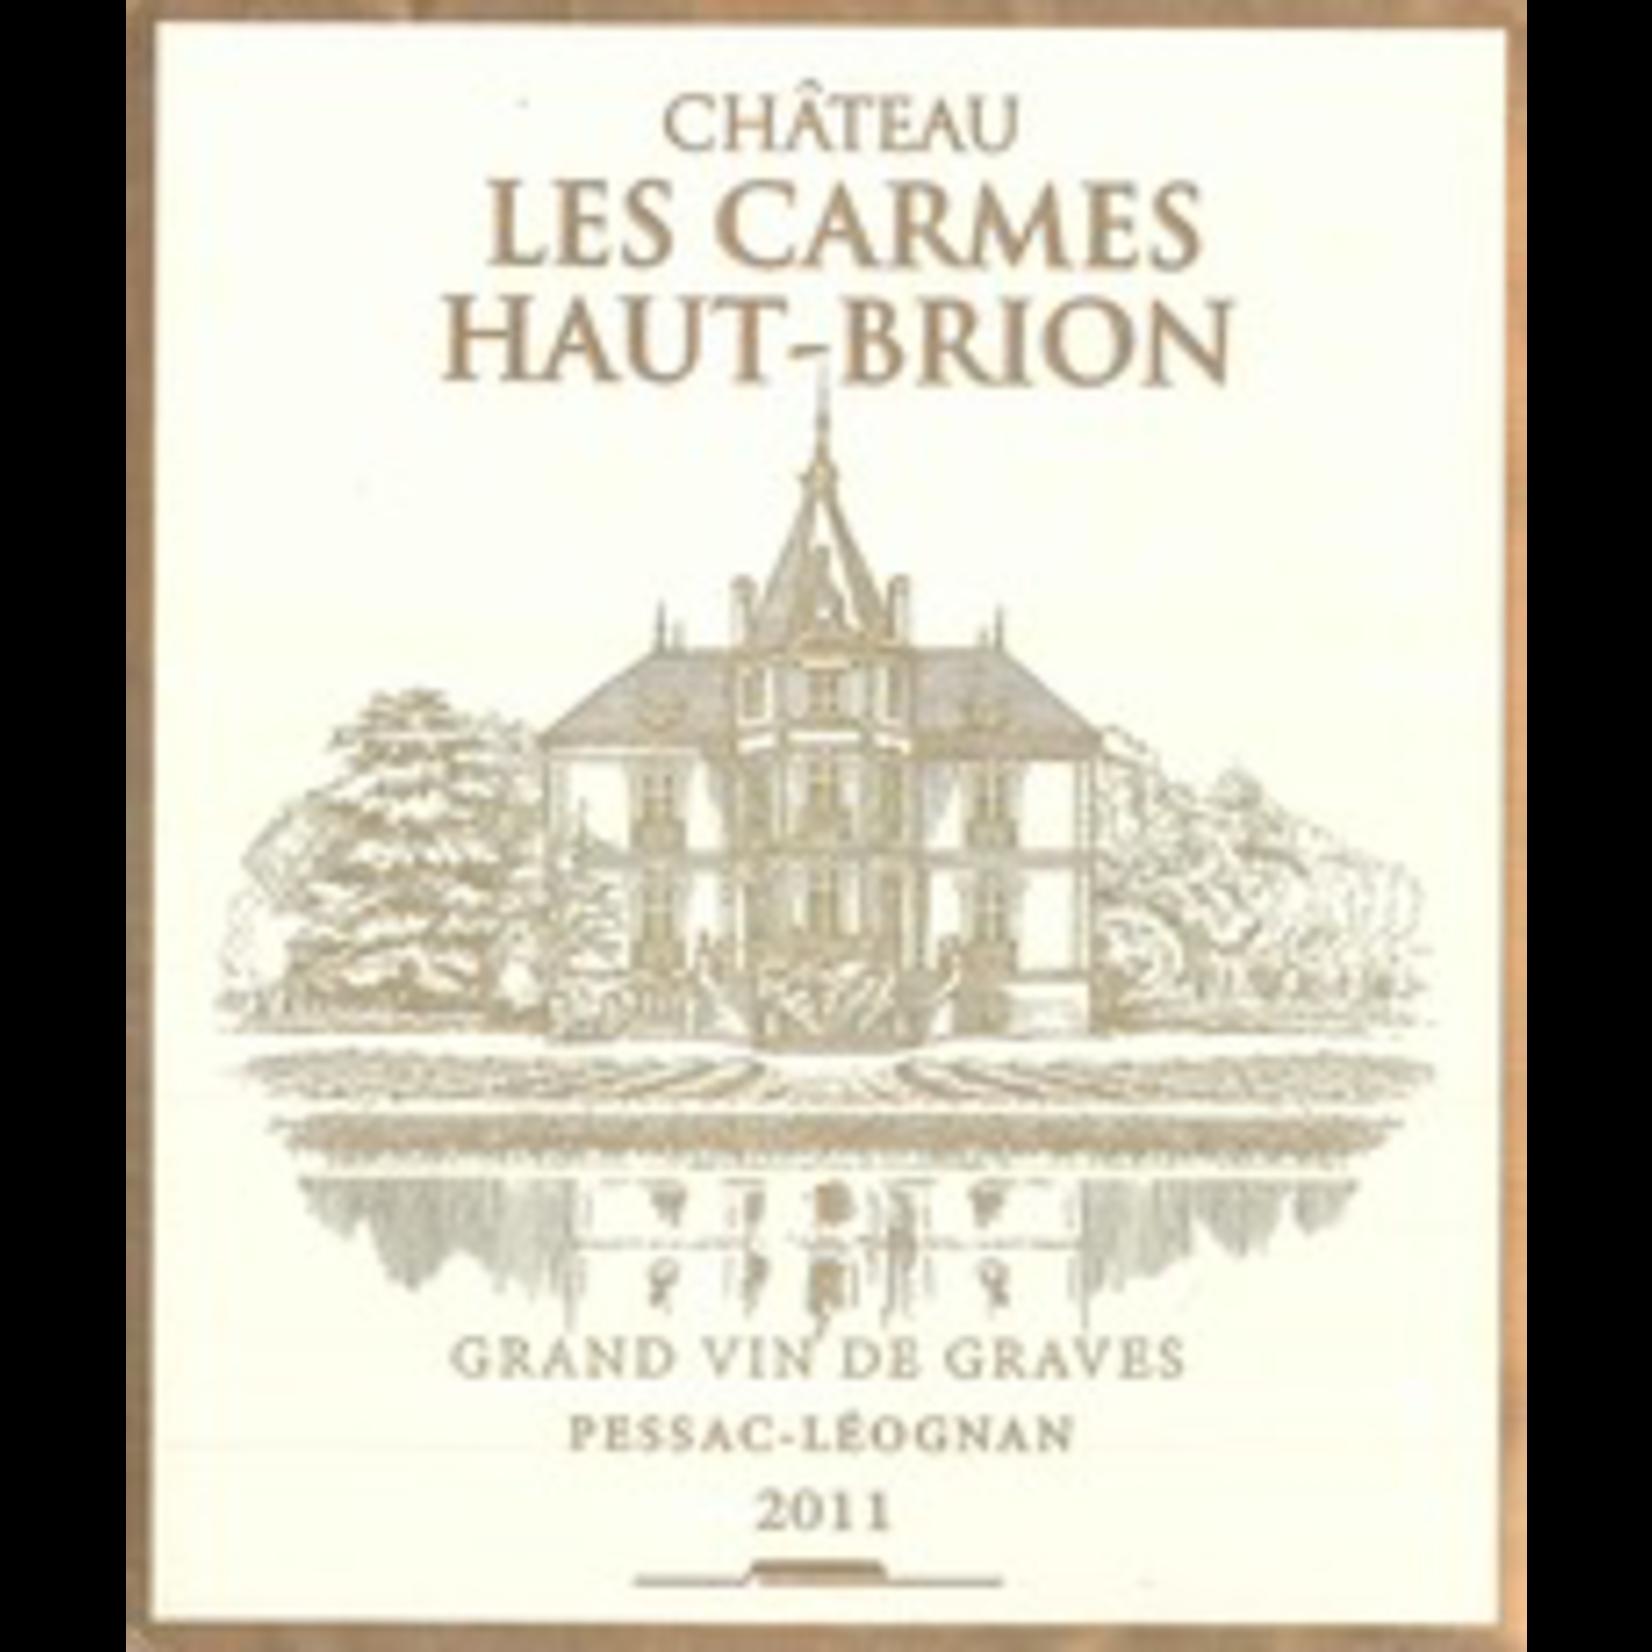 Chateau Les Carmes Haut Brion 2011